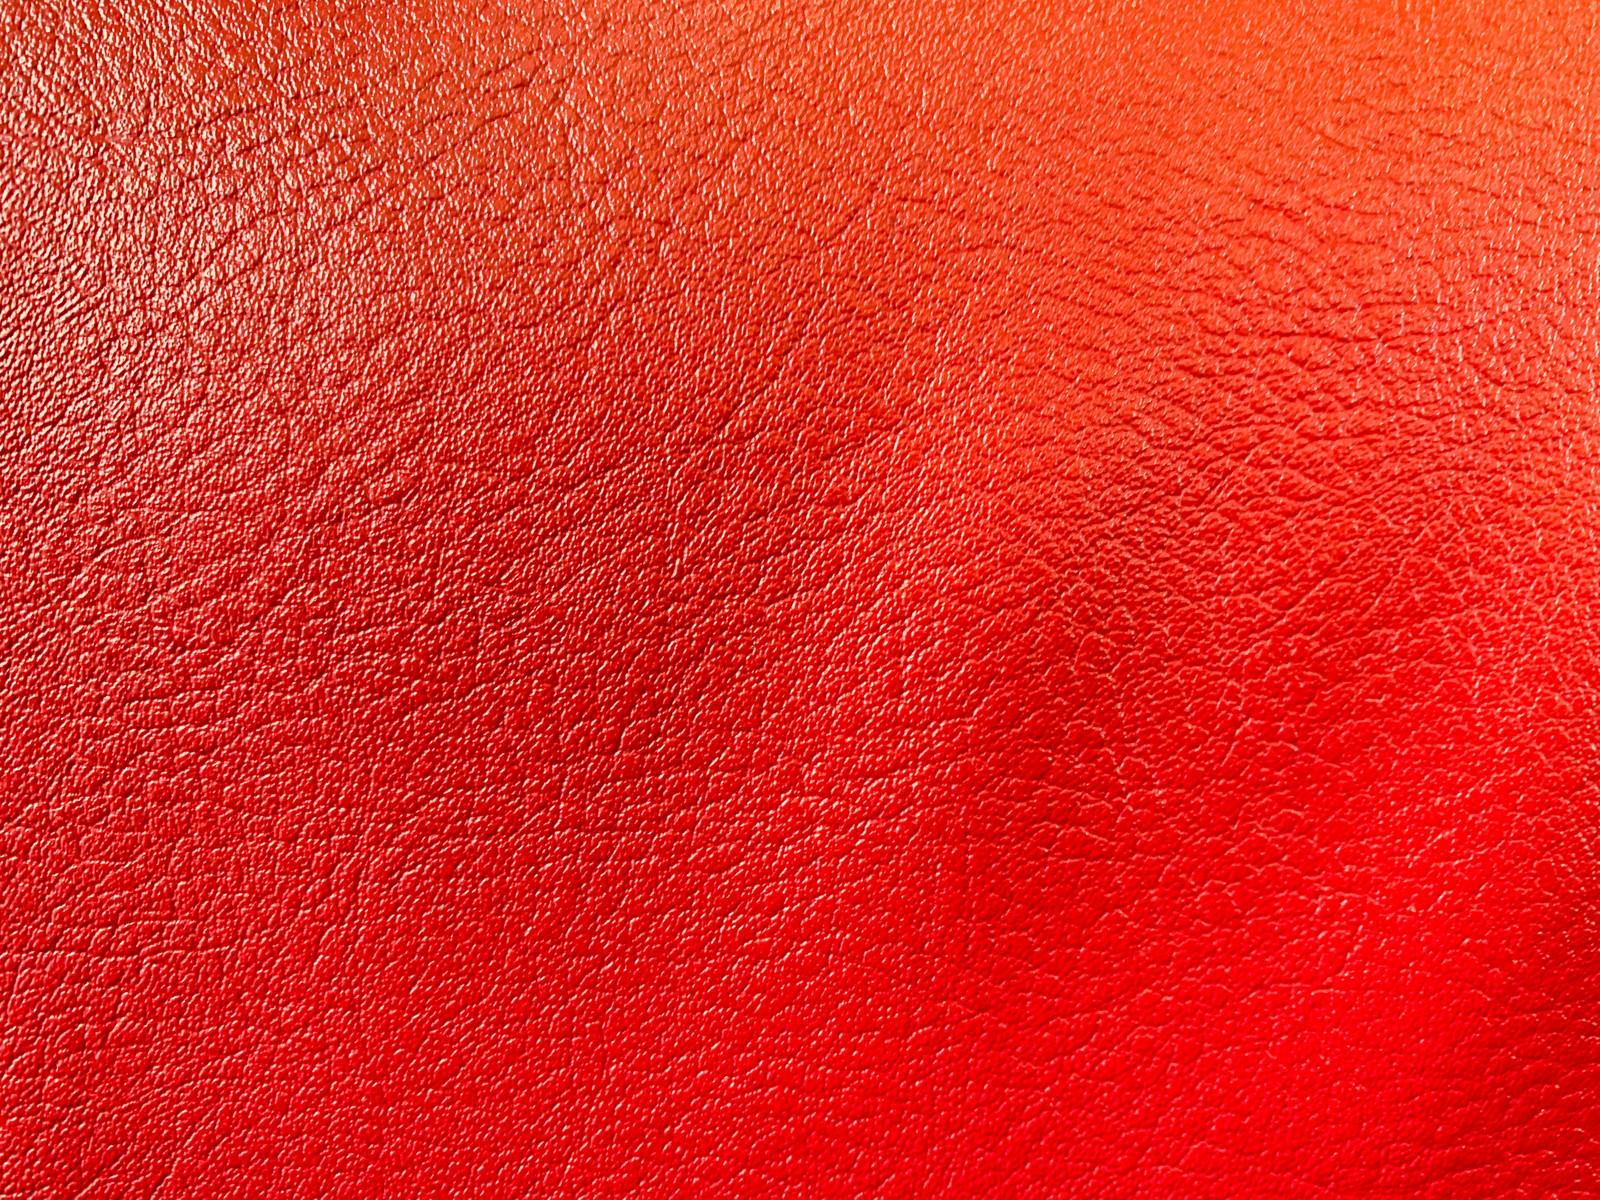 「赤味を帯びる合皮のテクスチャ」の写真